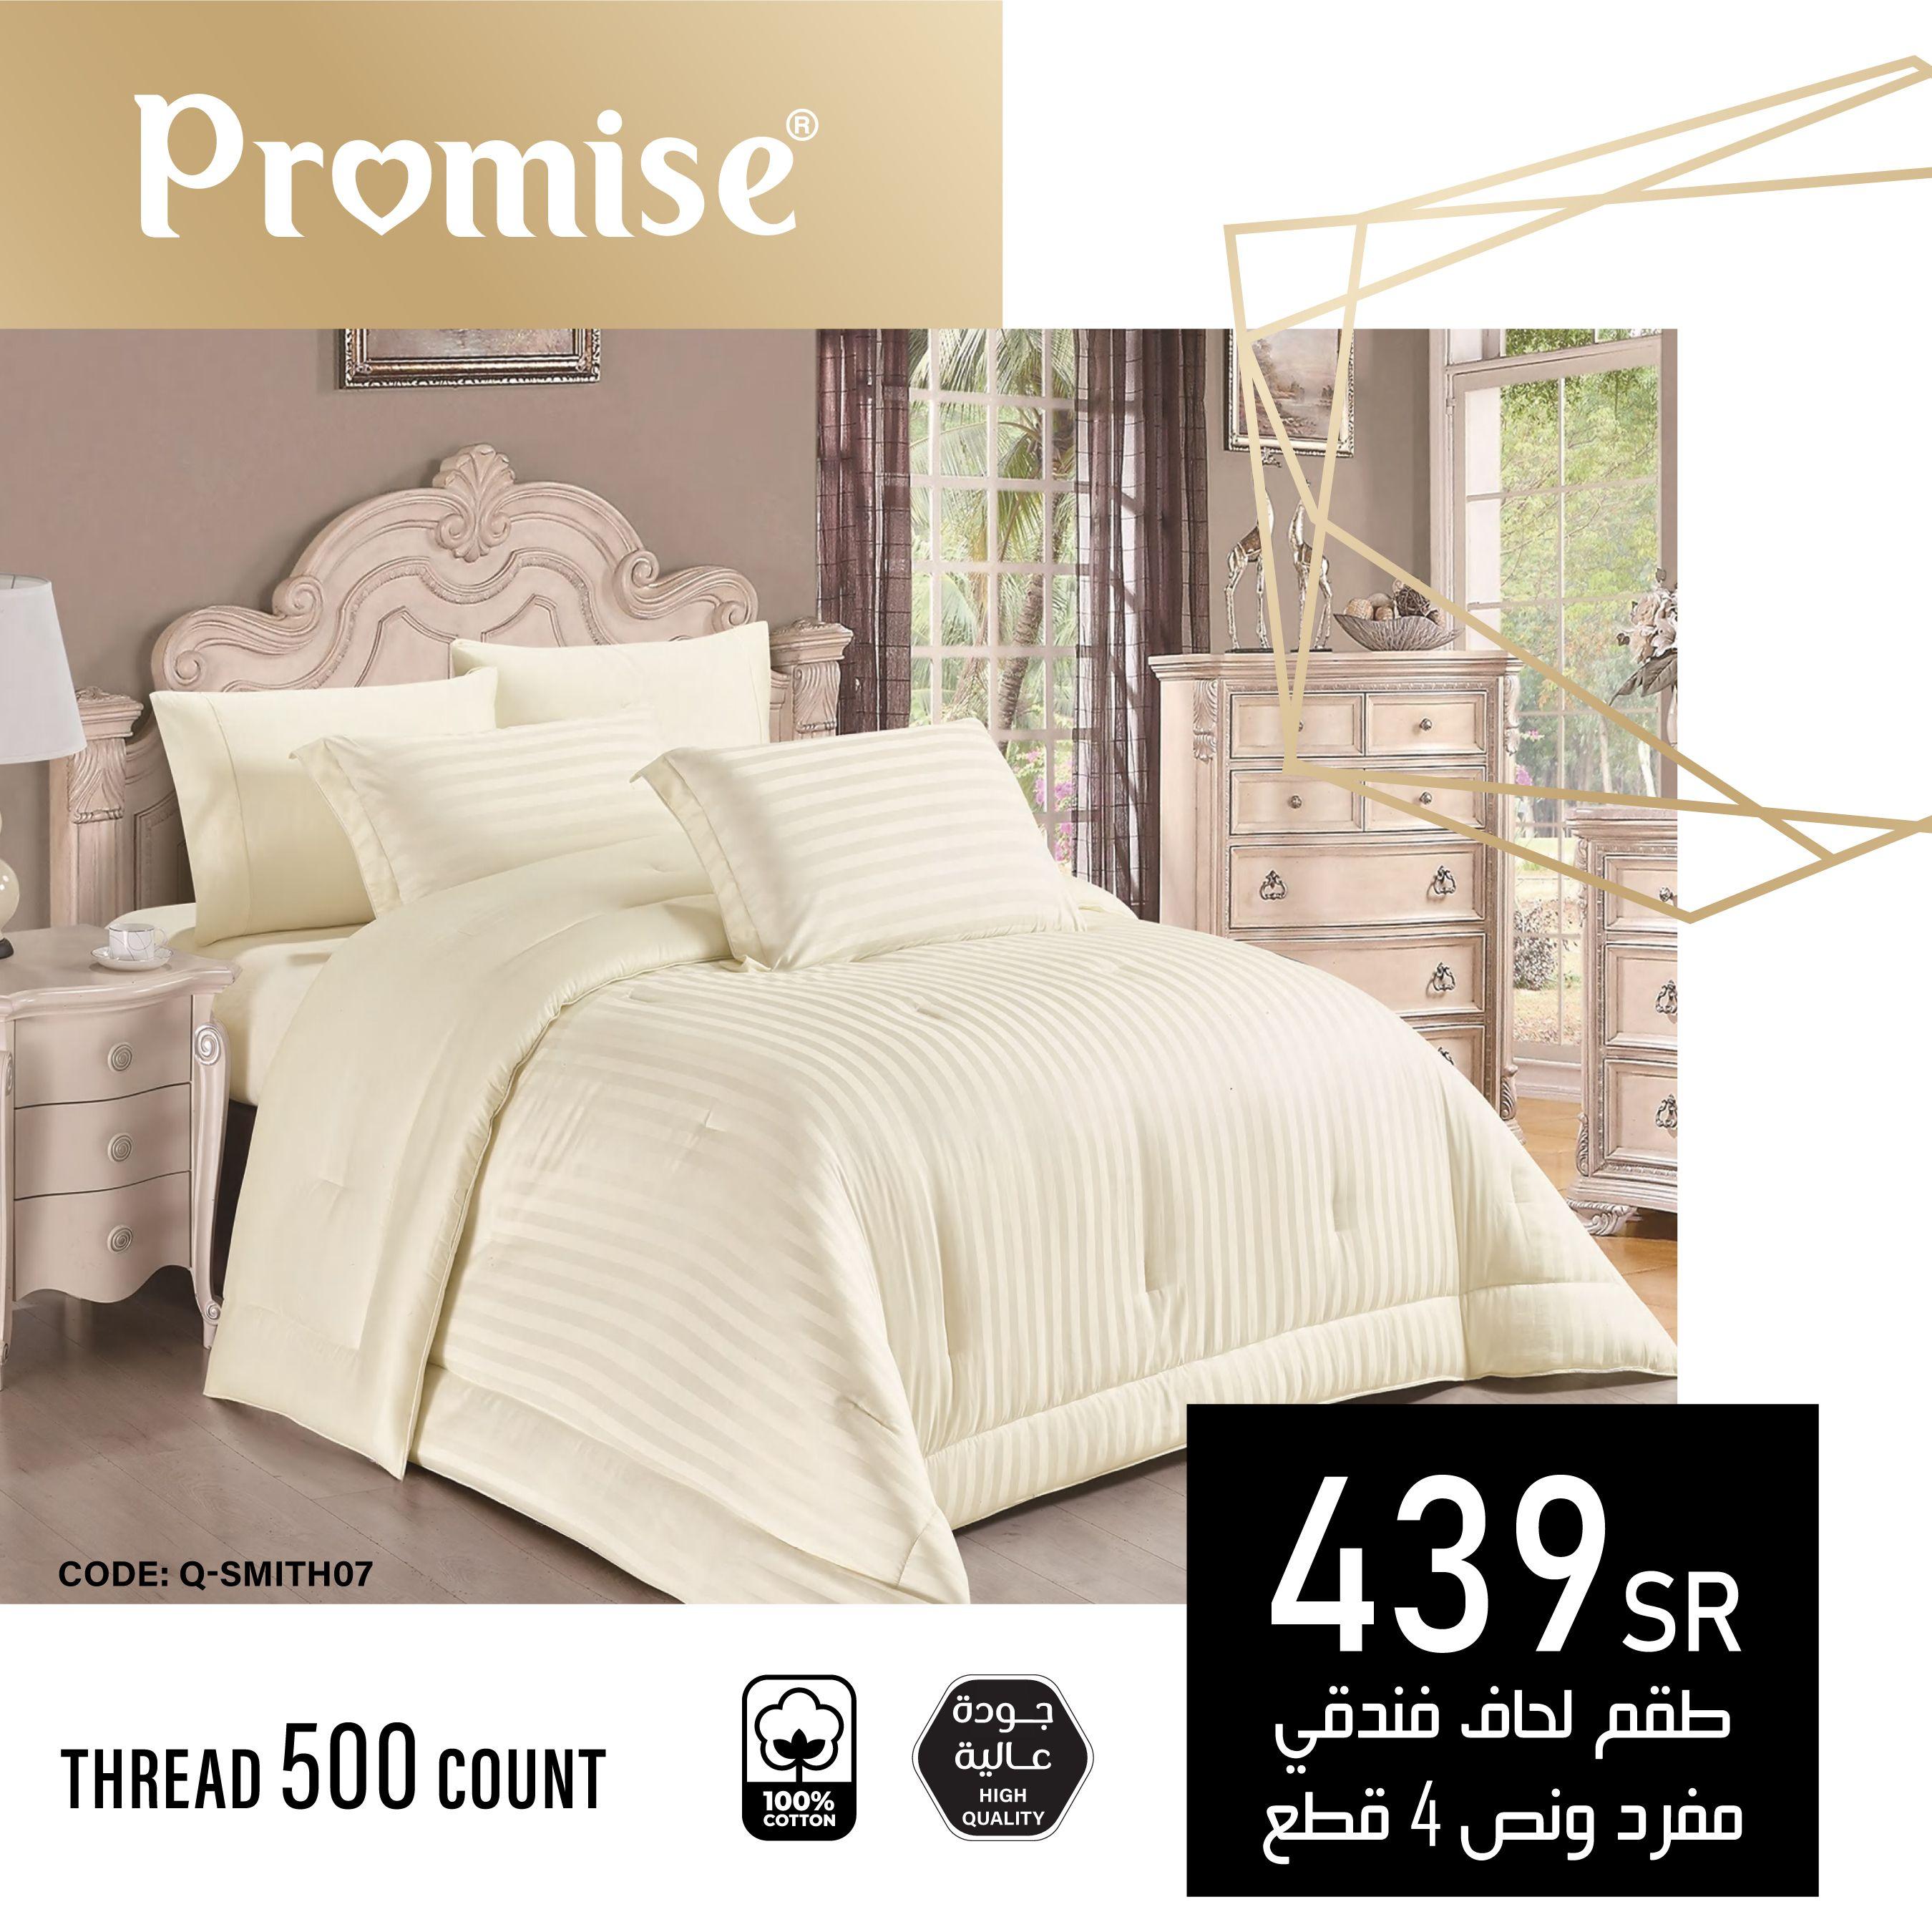 هل تبحث عن نعومة تغطي احلامك مفرش سيمث الفندقي ٥٠٠ غرزة ح يخليك تعيشي تجربة فندقية رائعة Bed Quality Home Decor